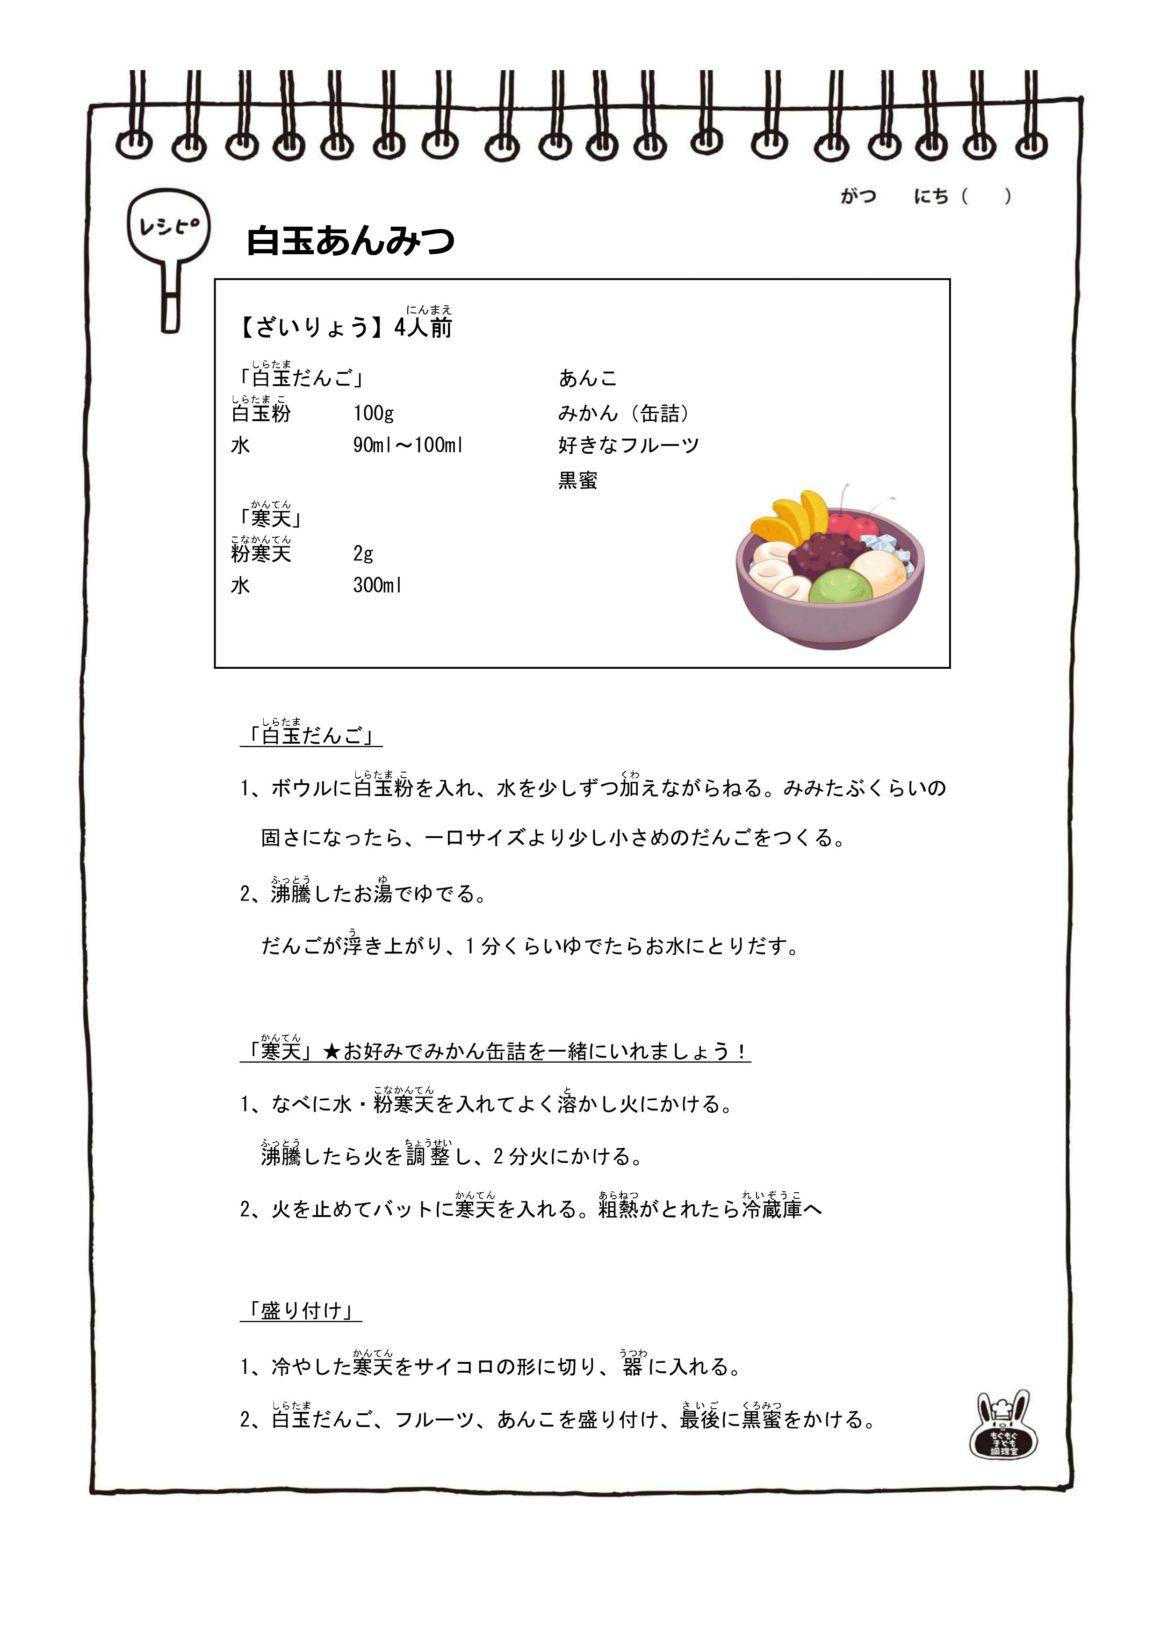 20200430_動画_あんみつ